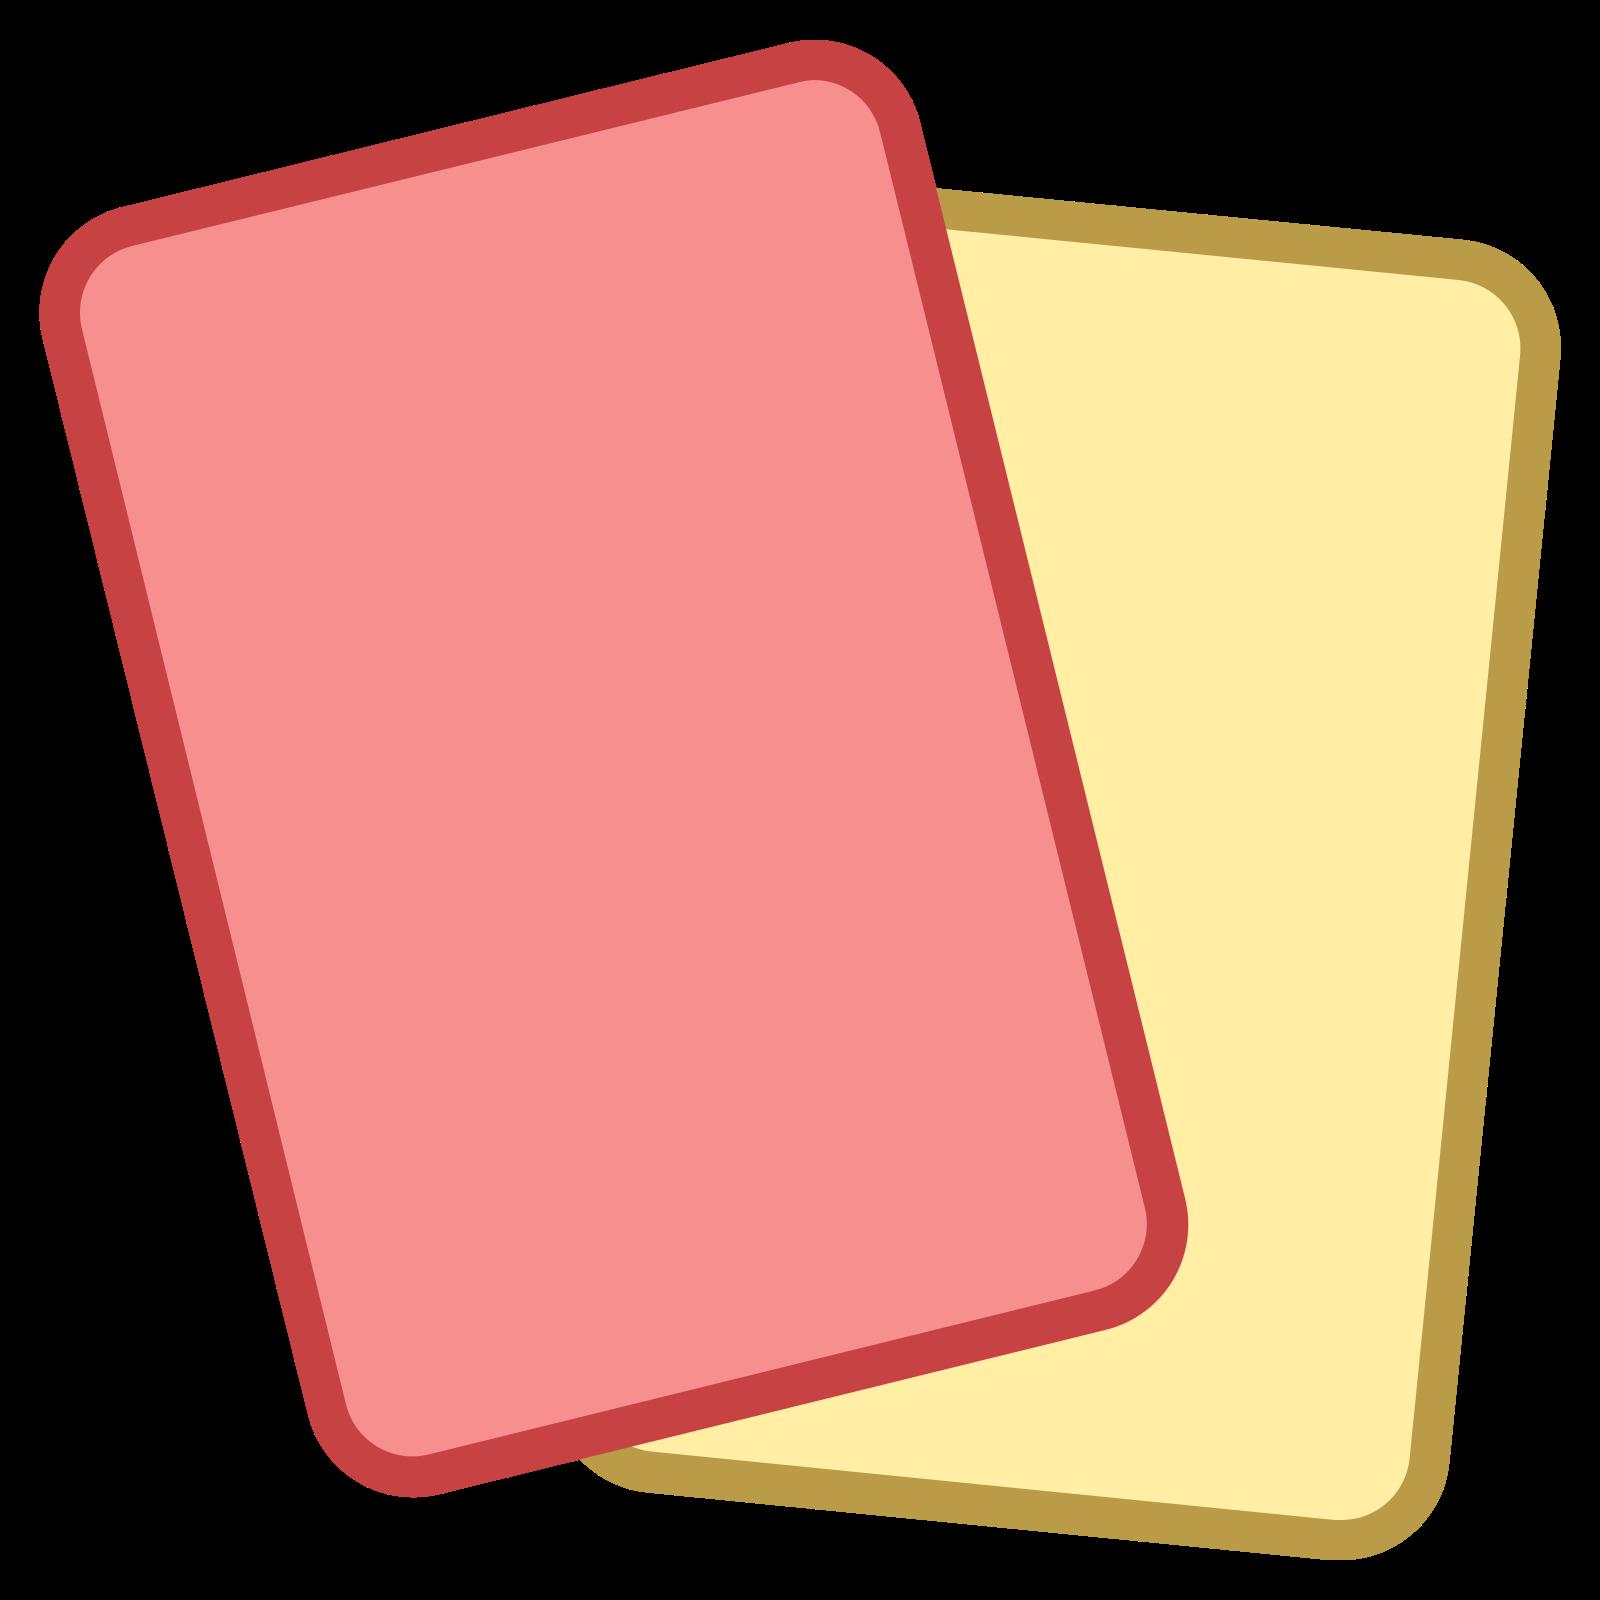 Czerwone i żółte kartki icon